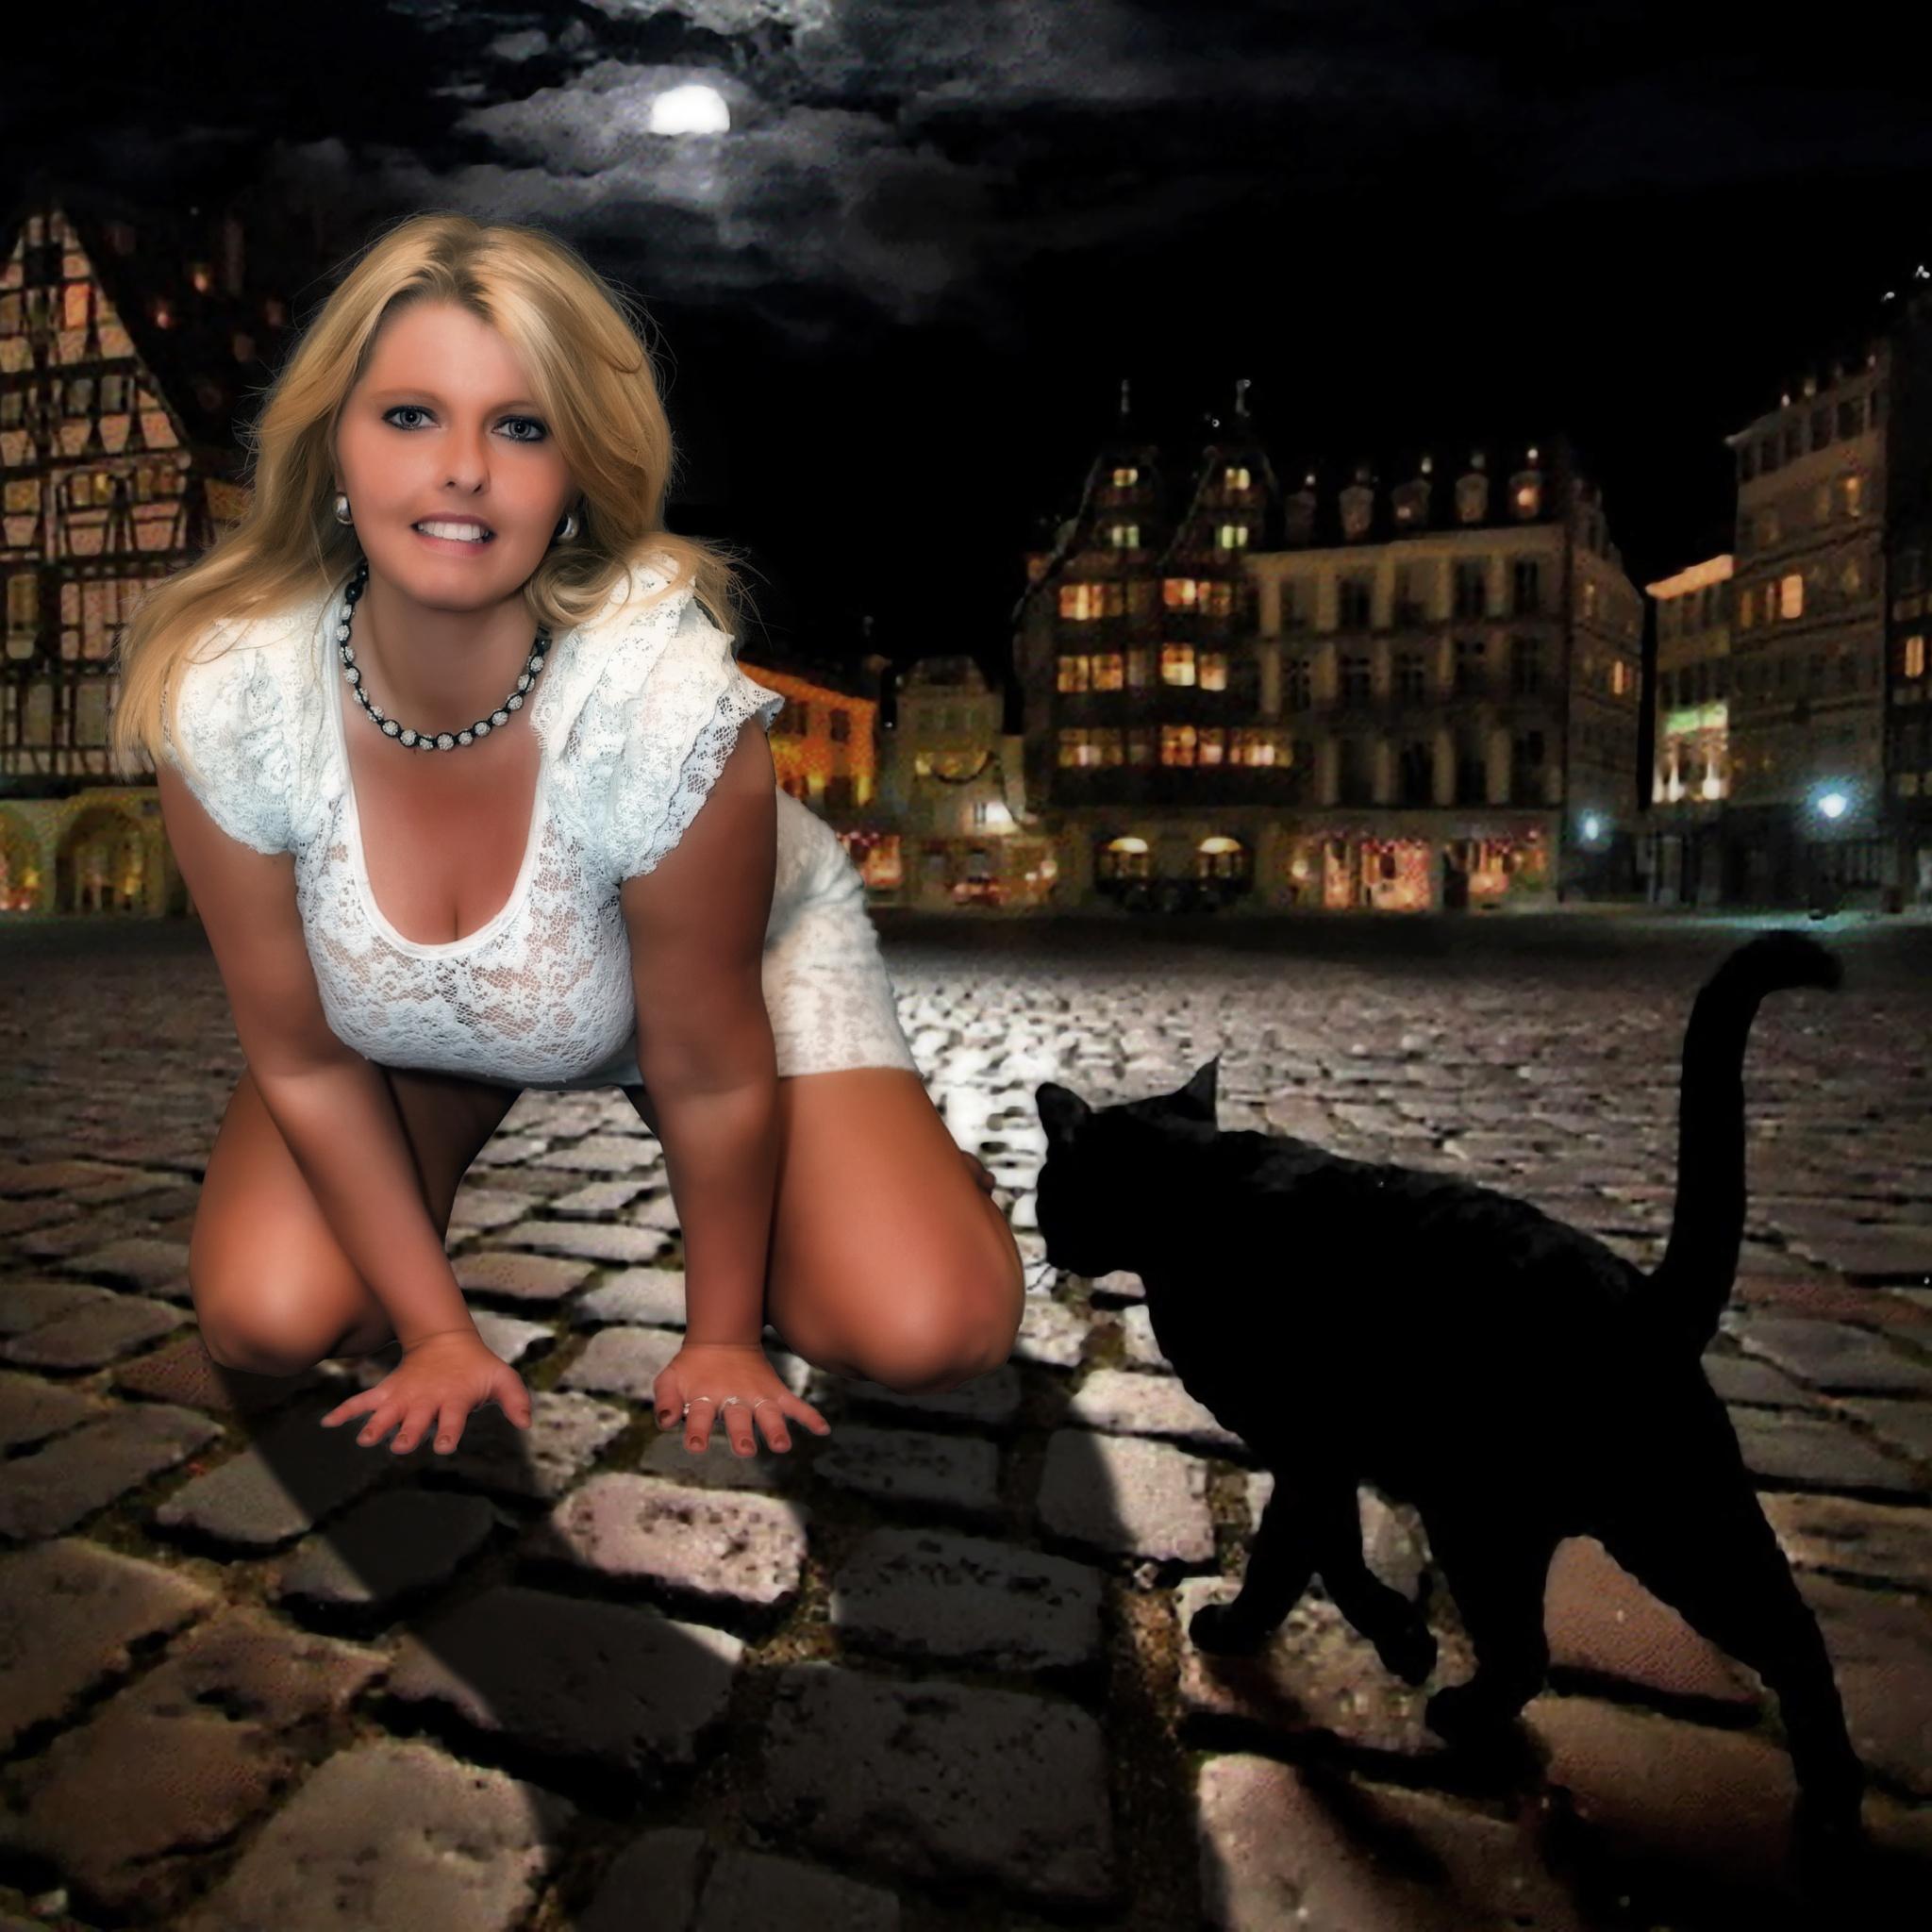 Katty by Etienne de Maeyer